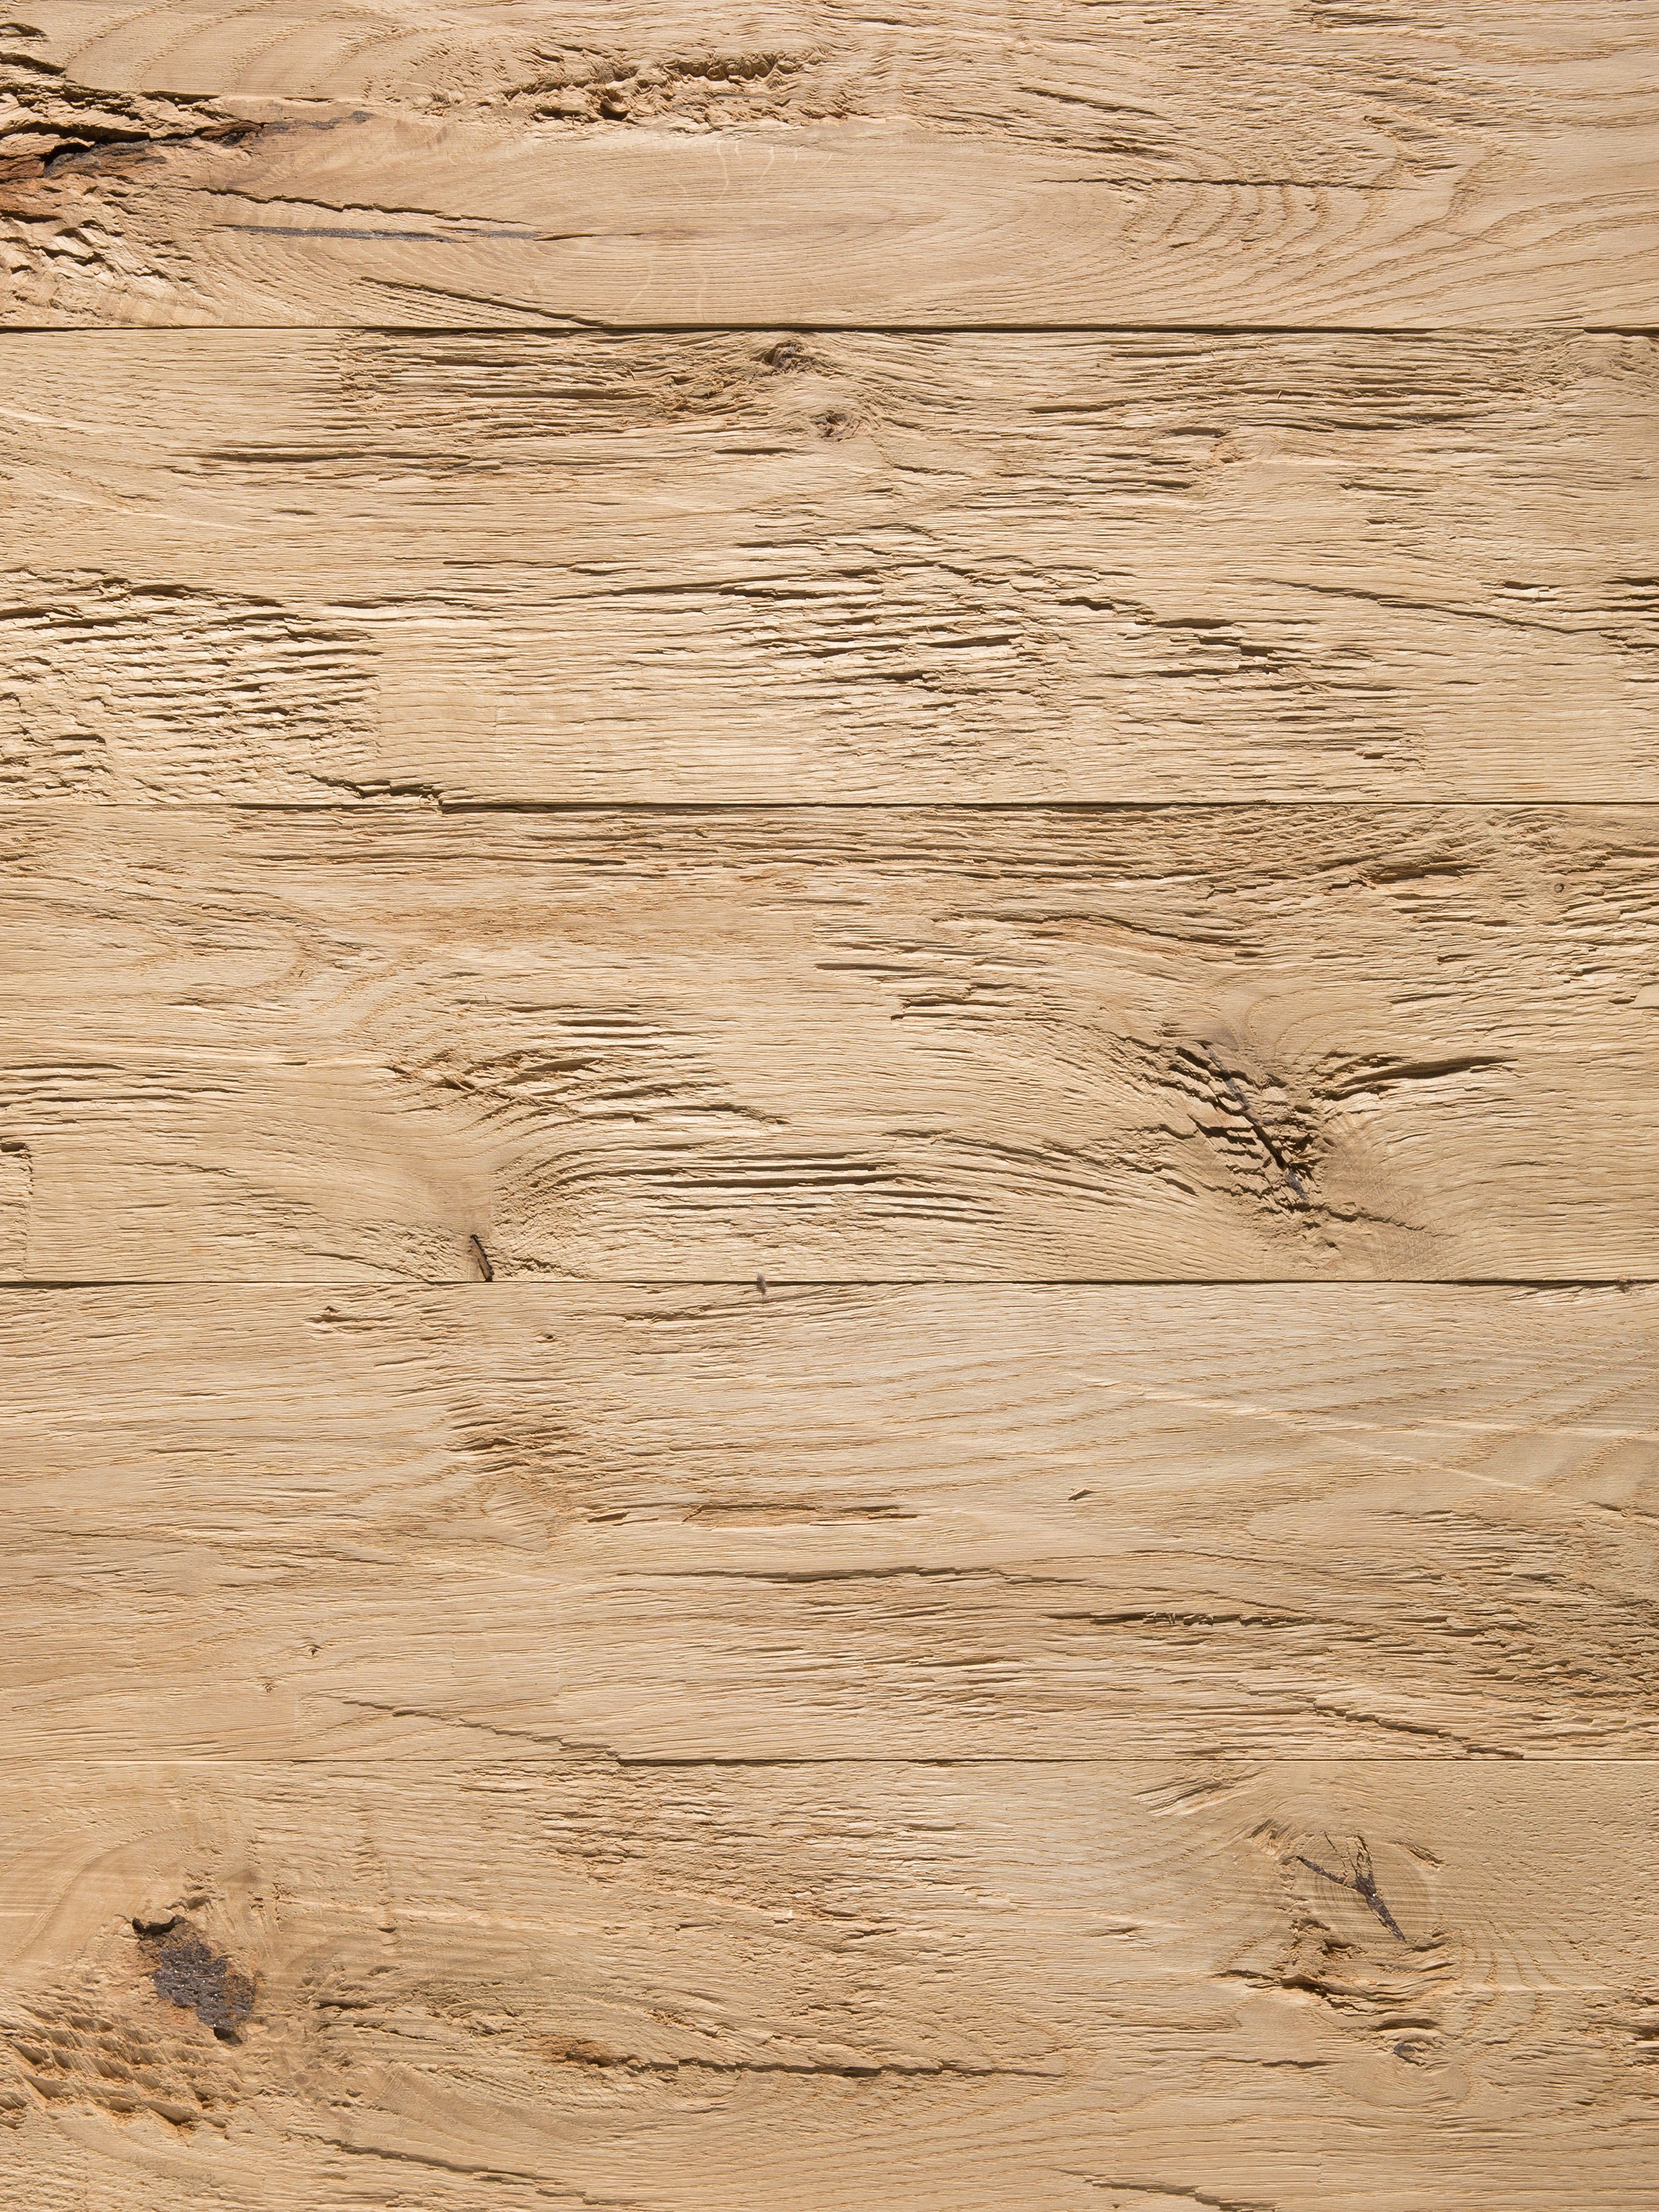 Gehackte Bretter Eiche Chalet Mit Traditionellen Fichte Und Eichebrettern Holen Sie Sich Ein Ganz Naturliches Wohngefu Altholz Wandverkleidung Holz Holzwand